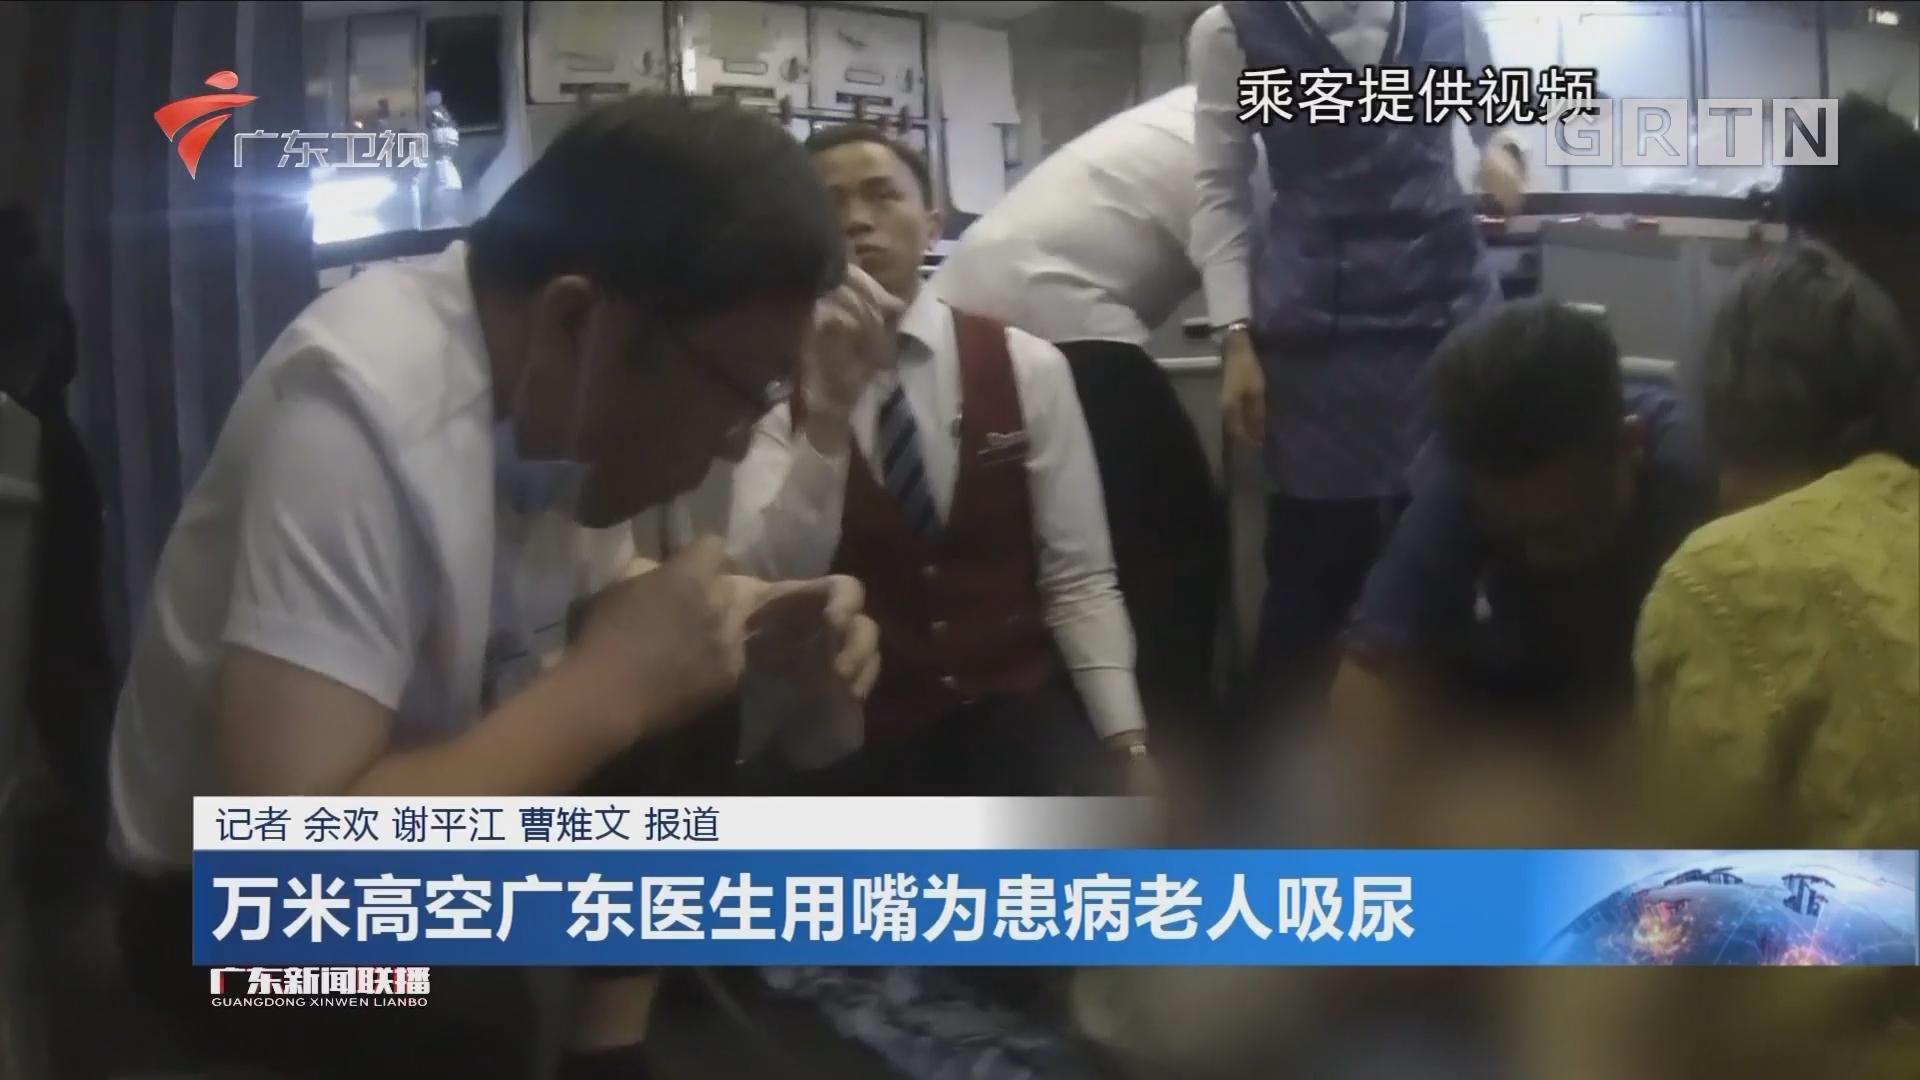 万米高空广东医生用嘴为患病老人吸尿